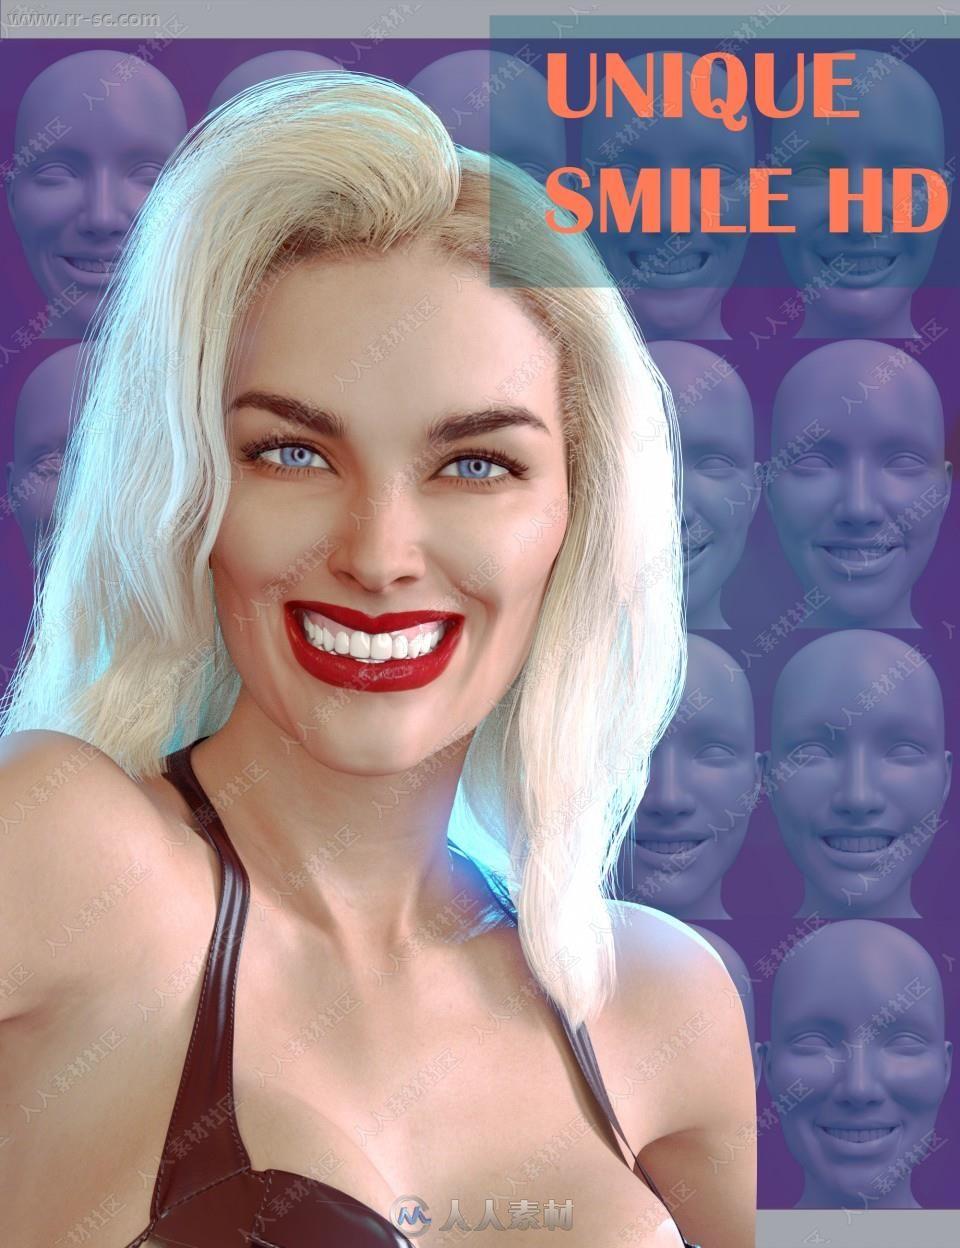 20组嘴独特微笑露牙笑3D模型